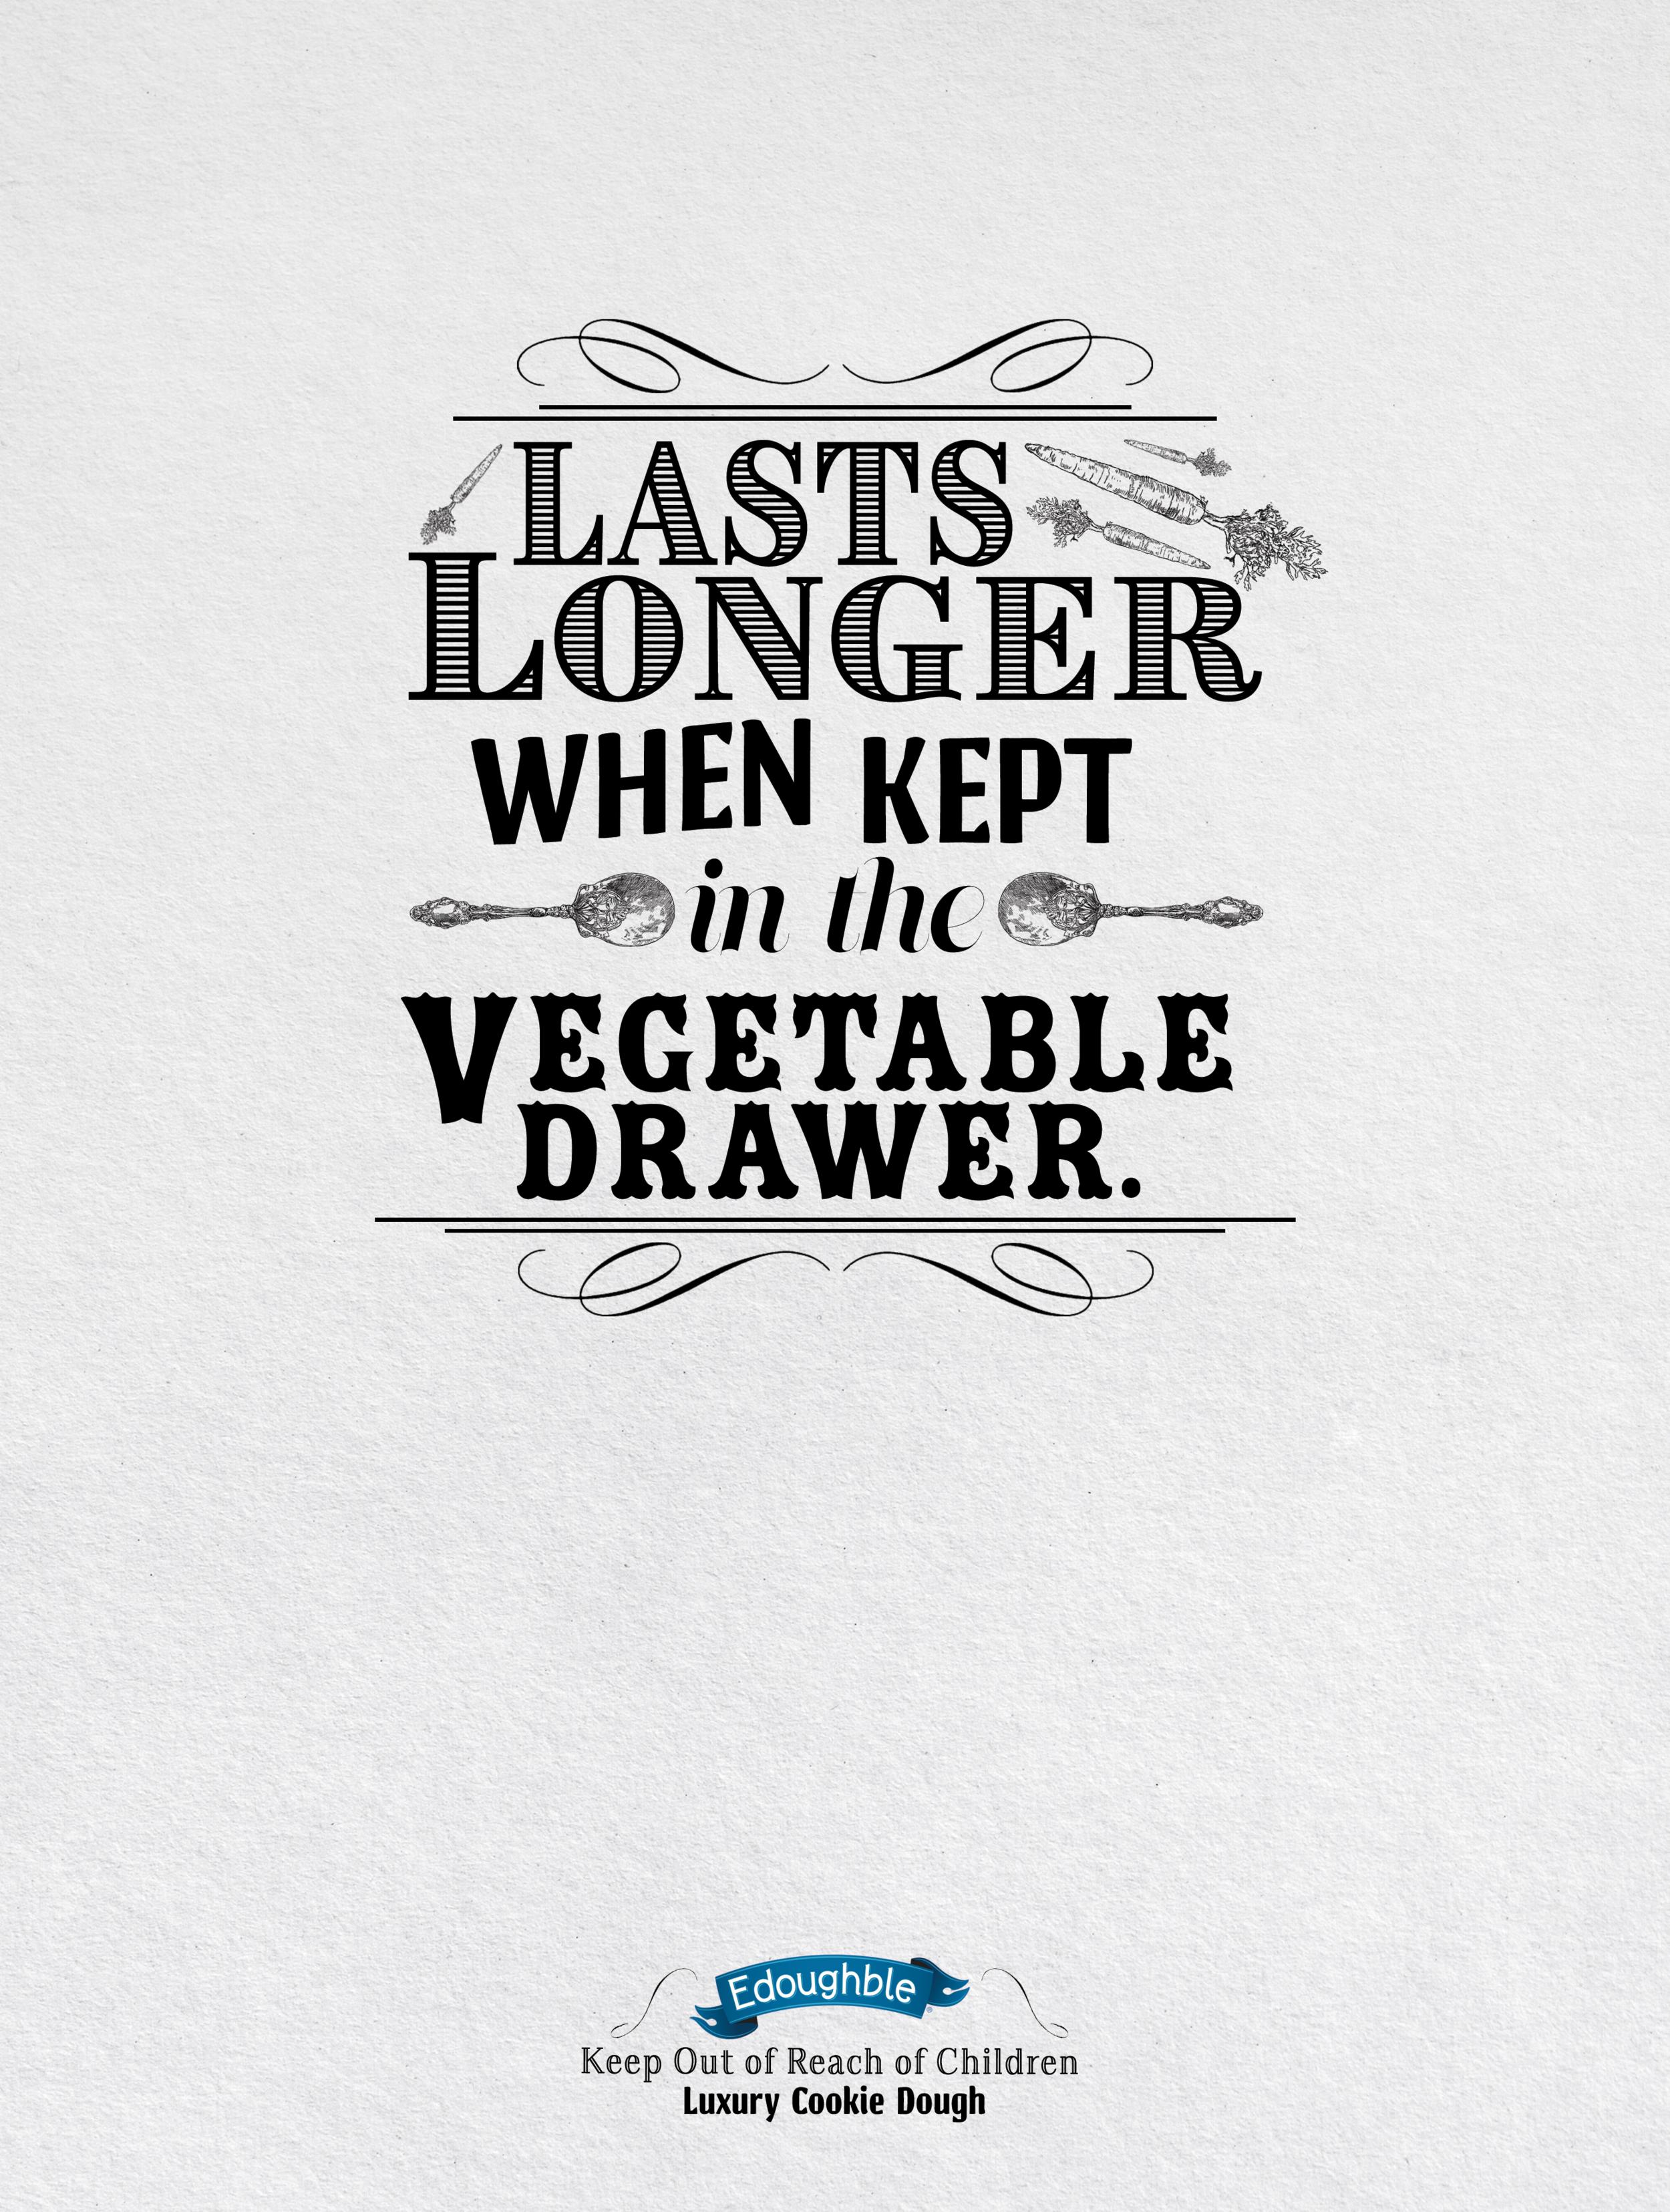 lasts longer.png